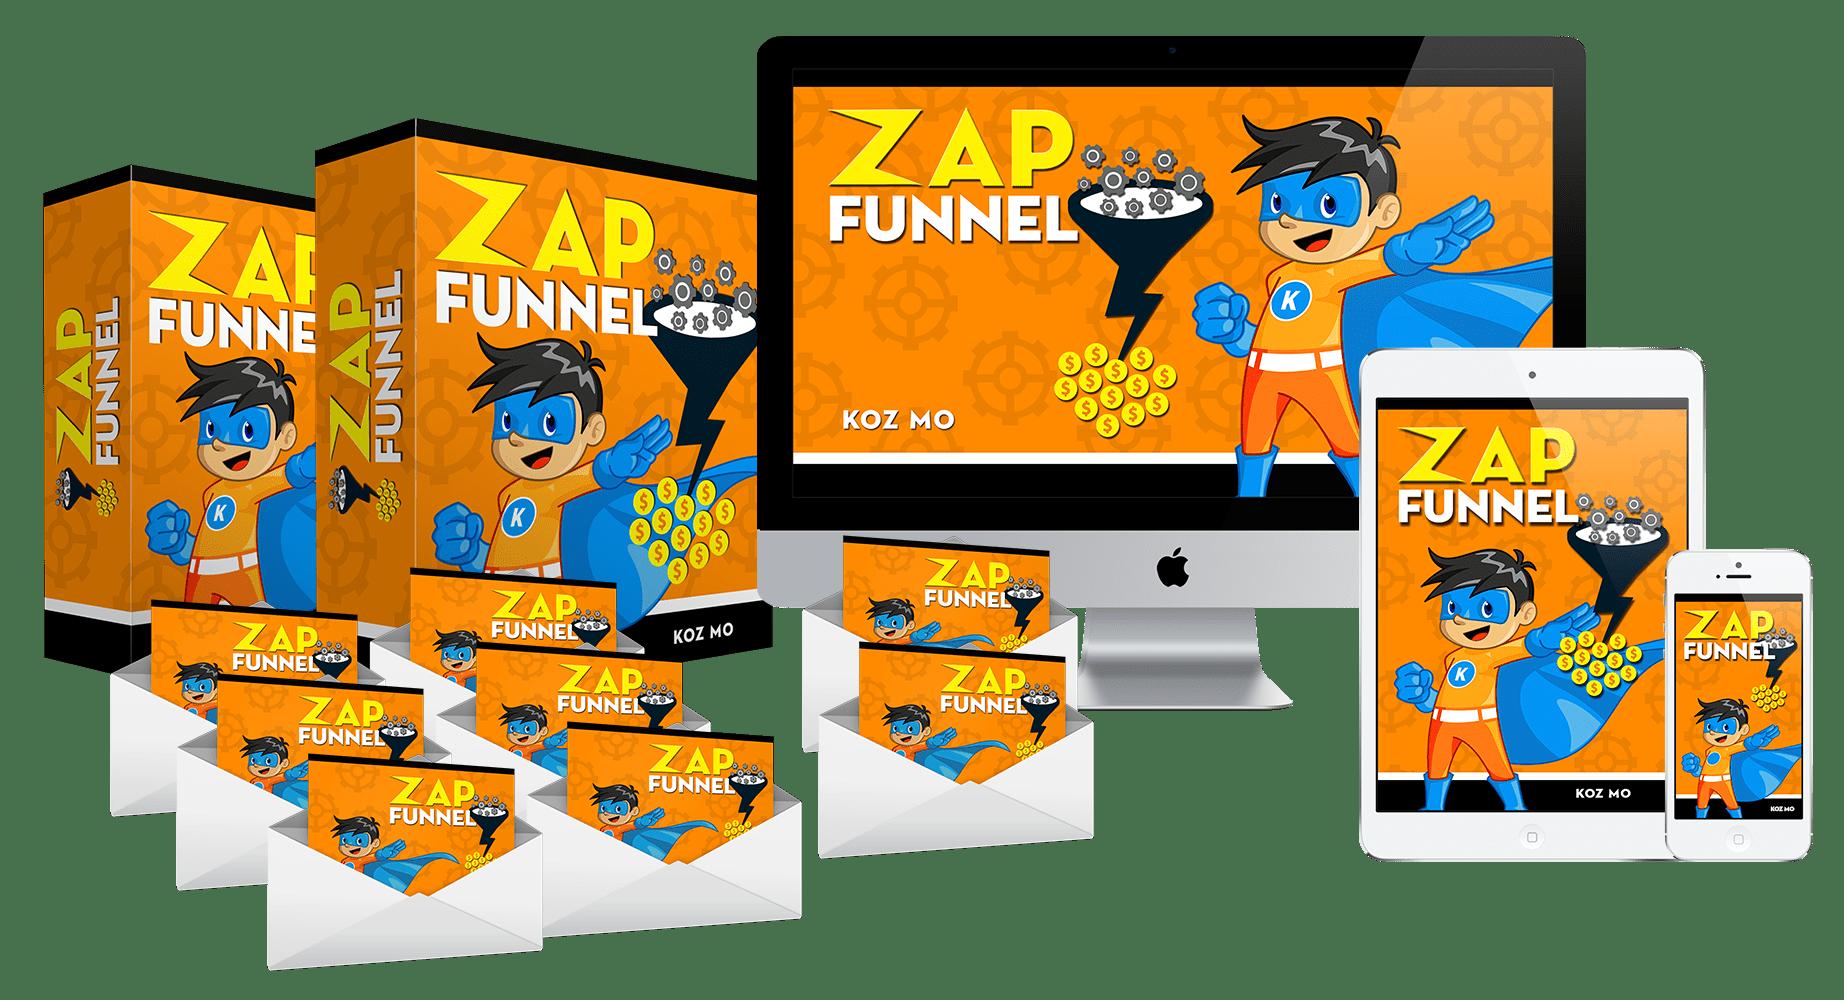 获得8个即将开始的Generating Funnels - 并开始创建您的邮件营销列表并进行大量销售(Zap Funnel)